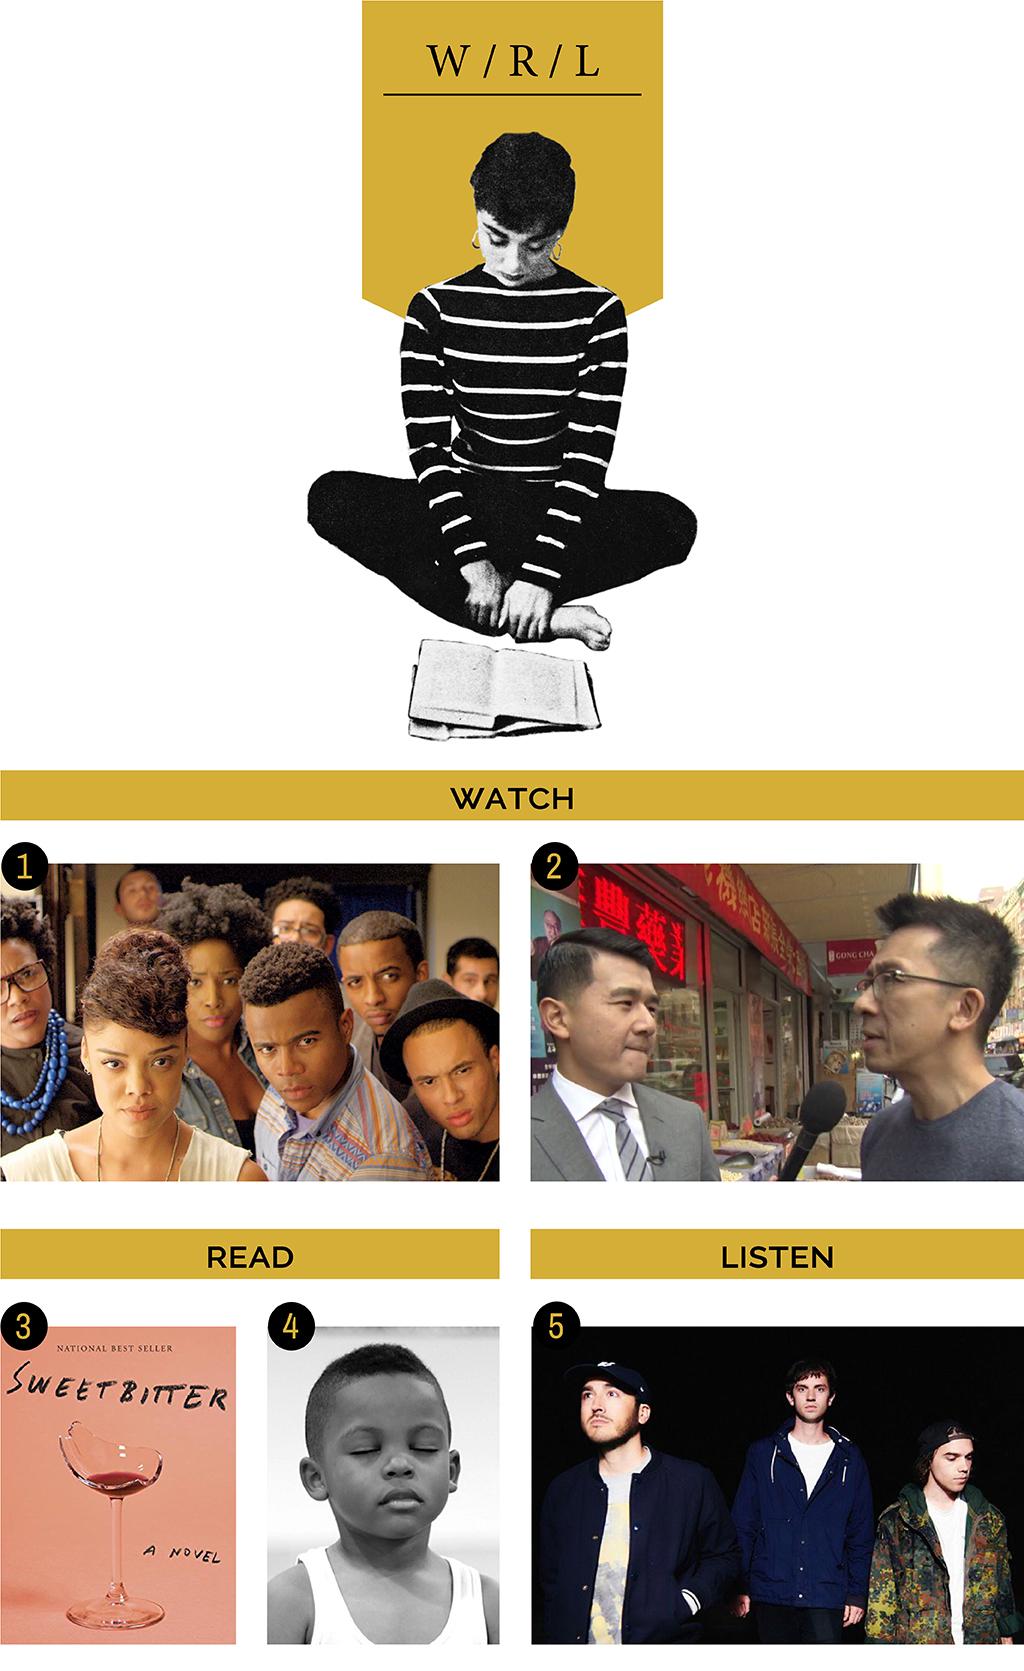 watch-read-listen-no-8